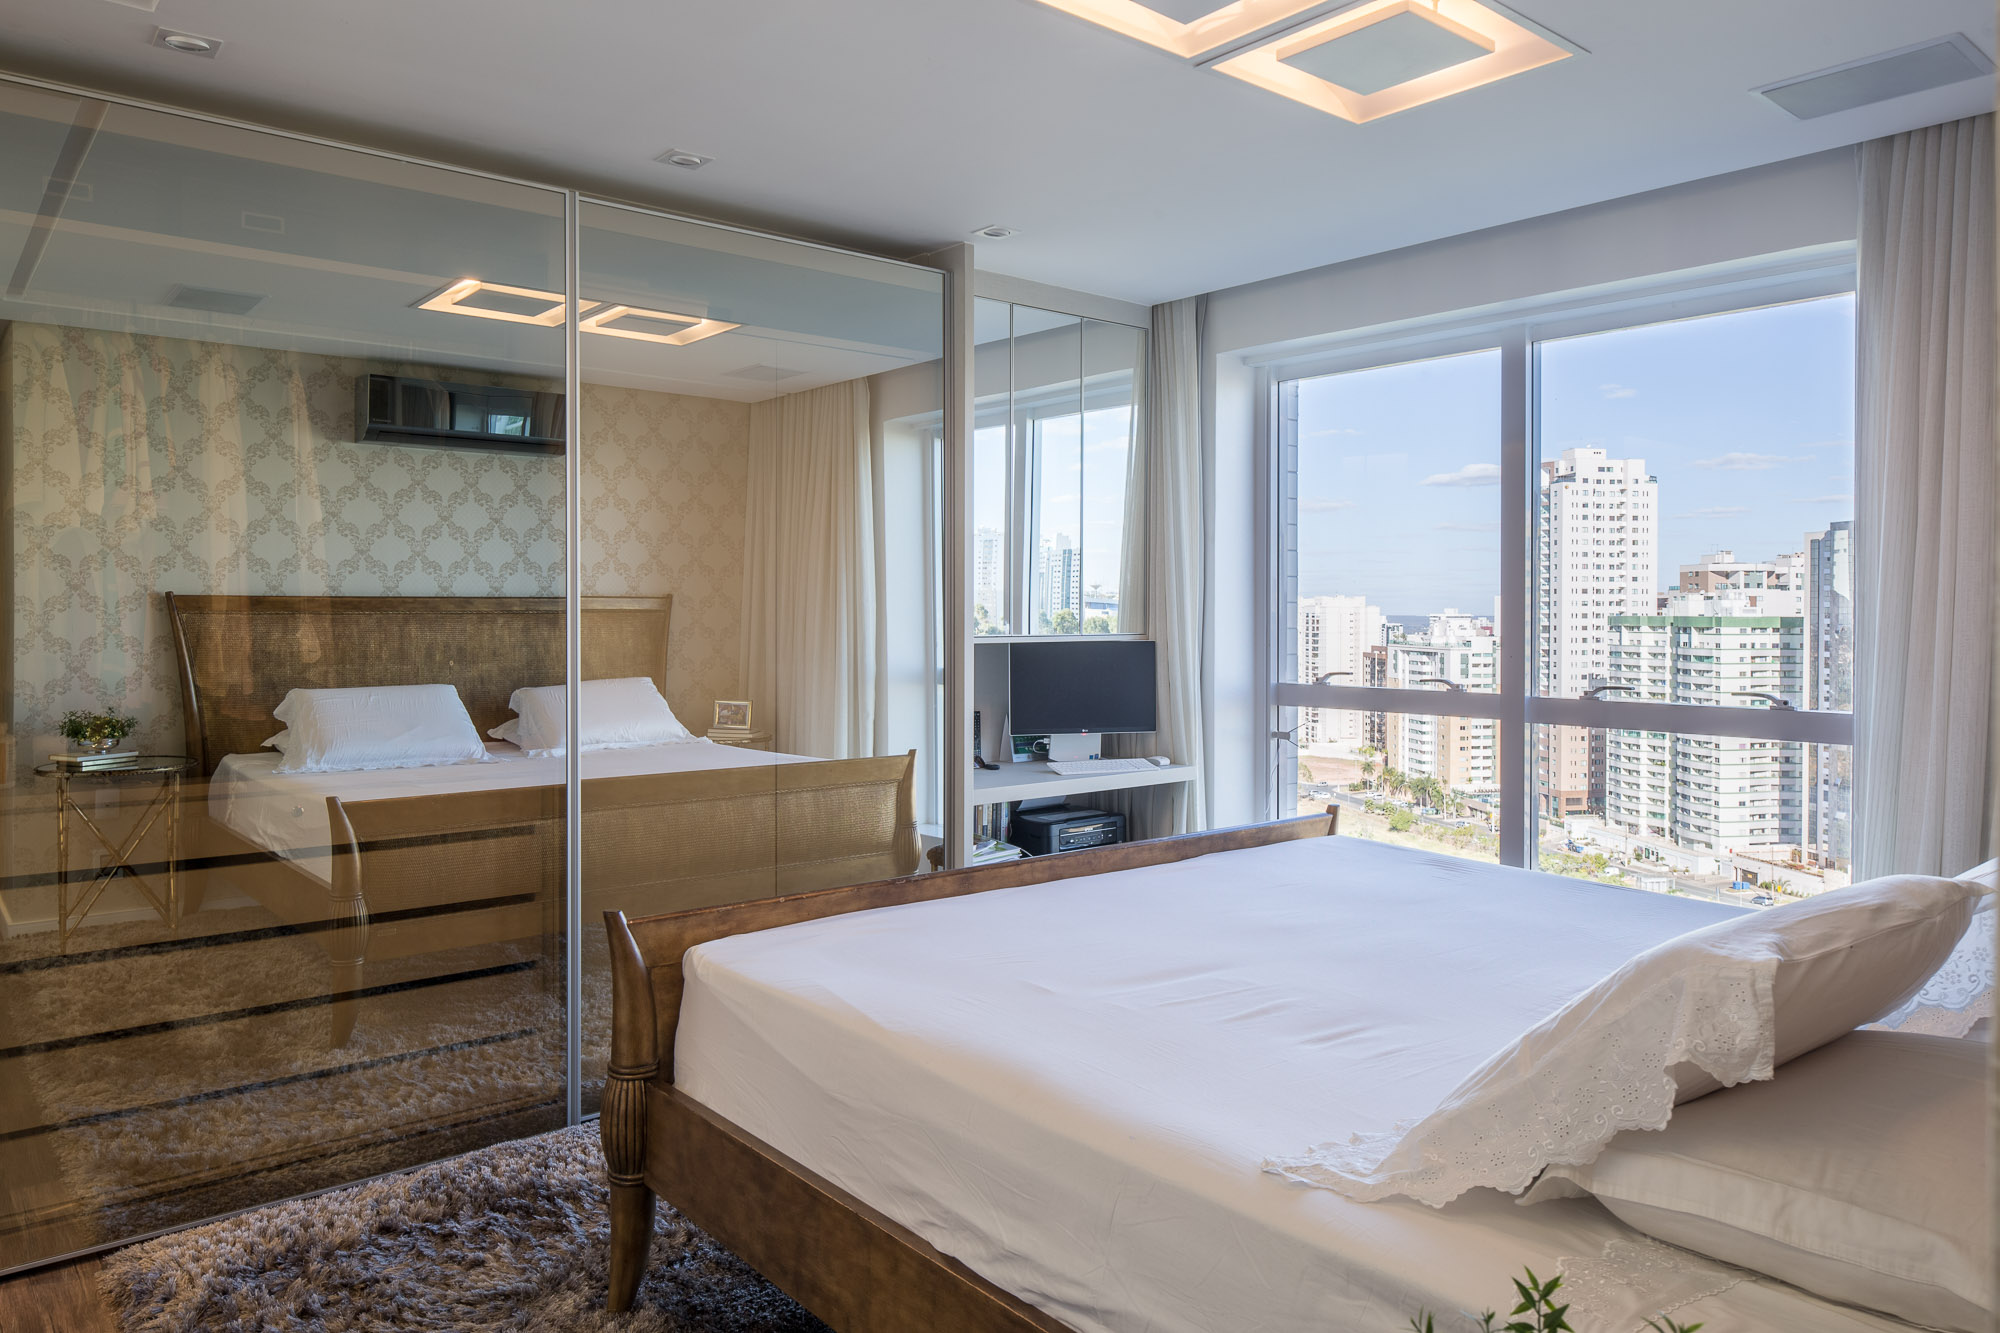 150817_Apartamento_Águas_Claras_0208-HDR.jpg